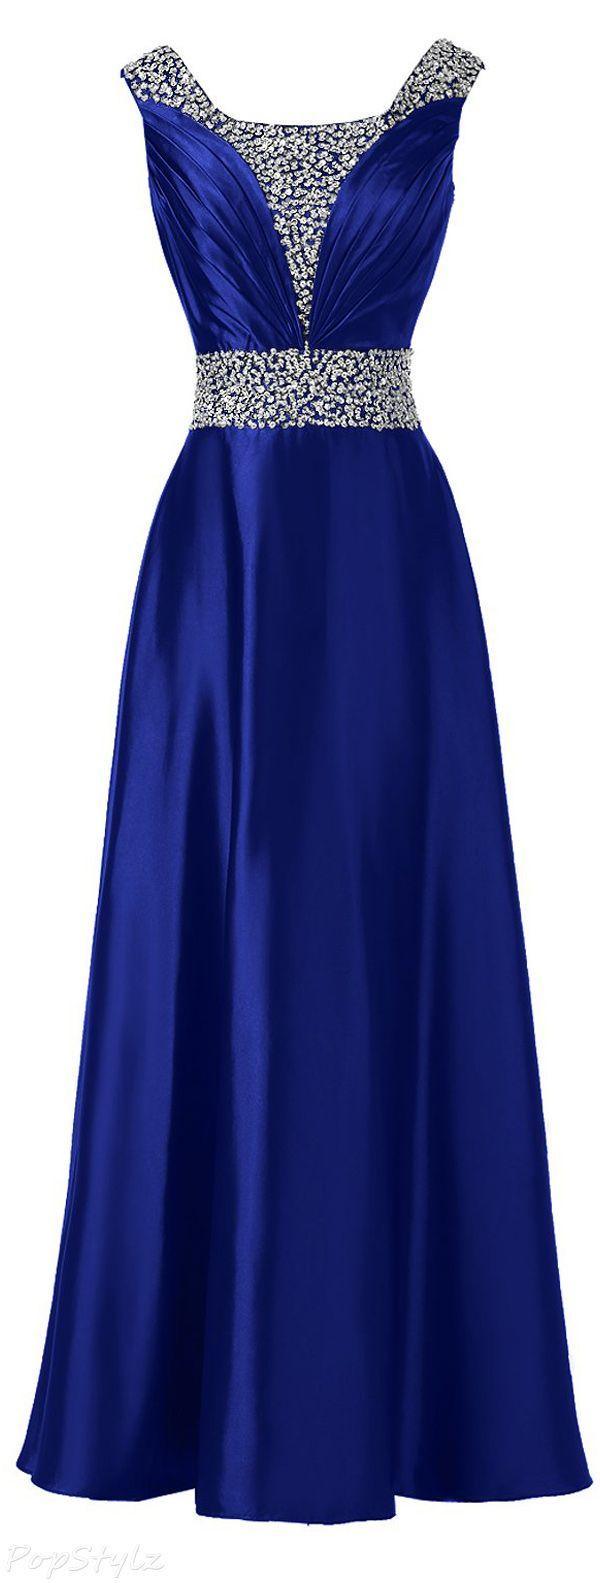 Vestido de noche vestidos de fiesta pinterest sequins gowns